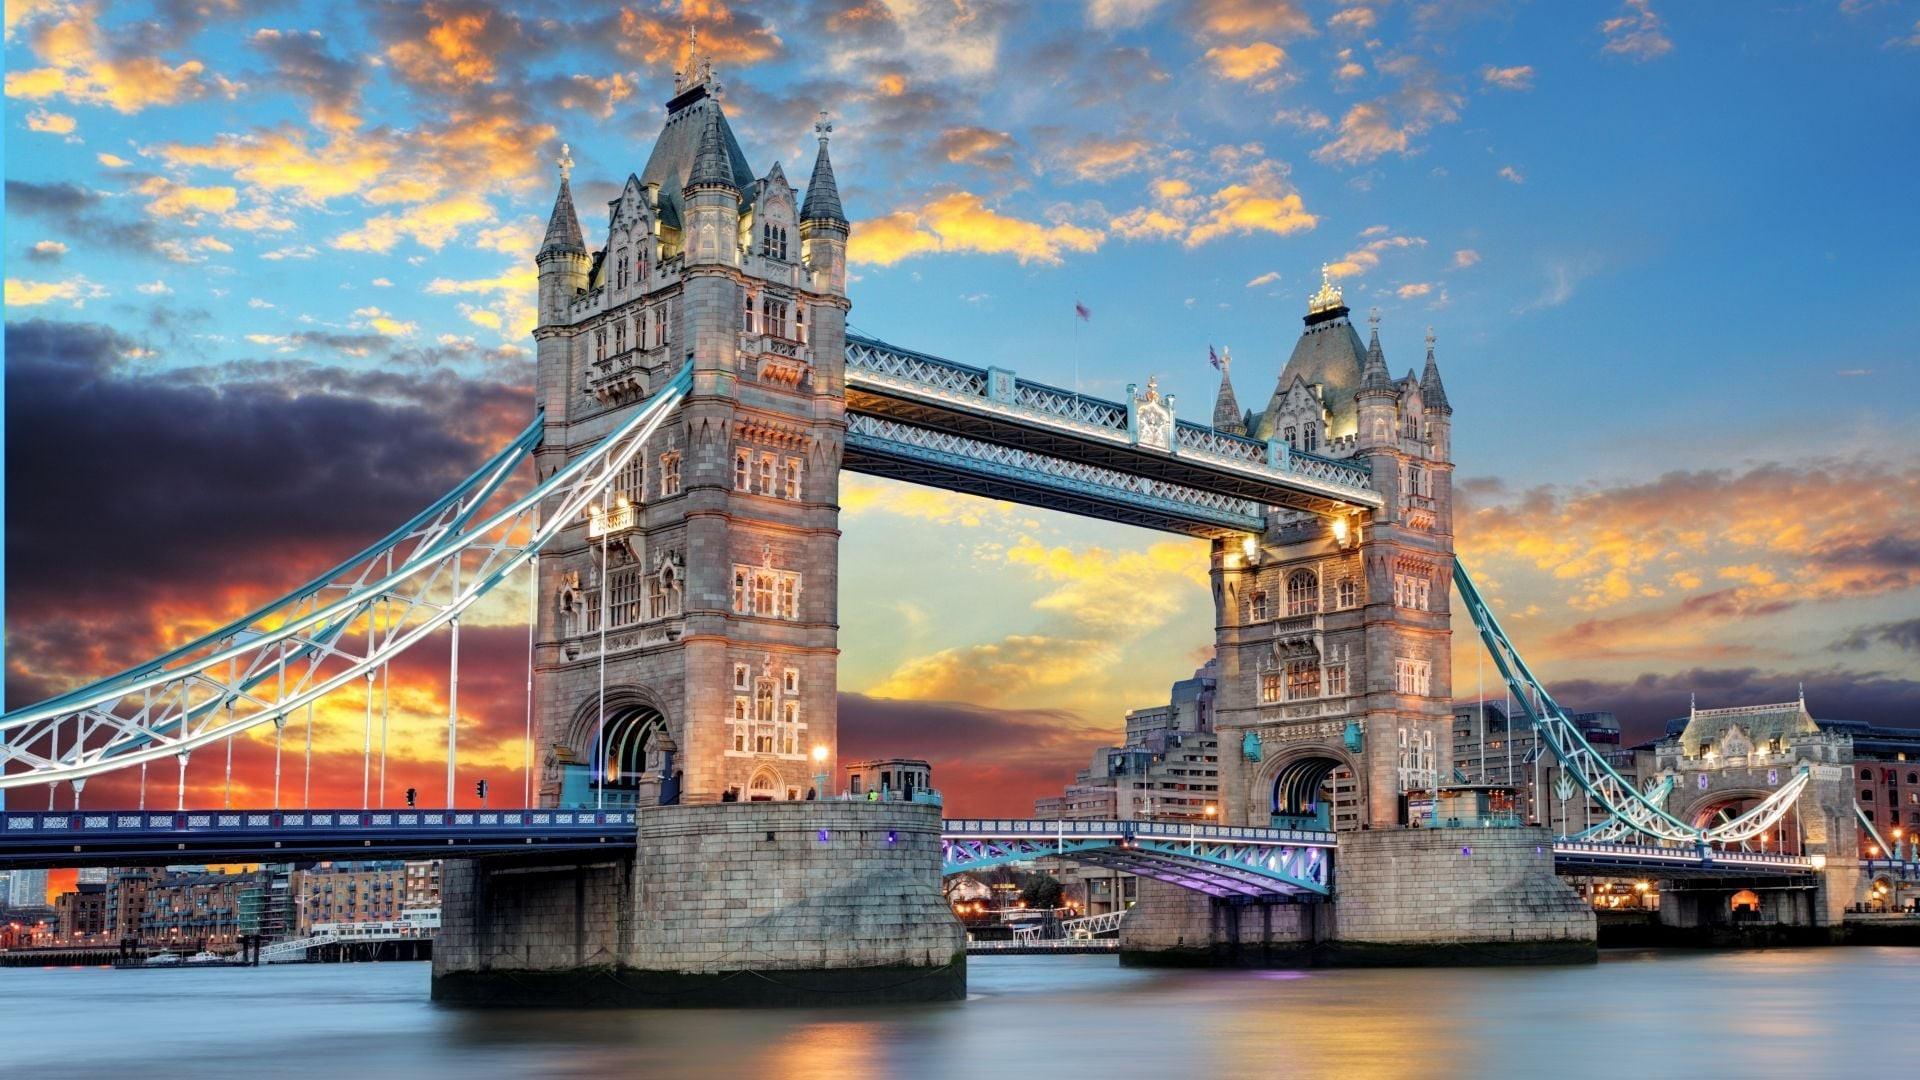 Tower Bridge London Wallpapers - Wallpaper Cave